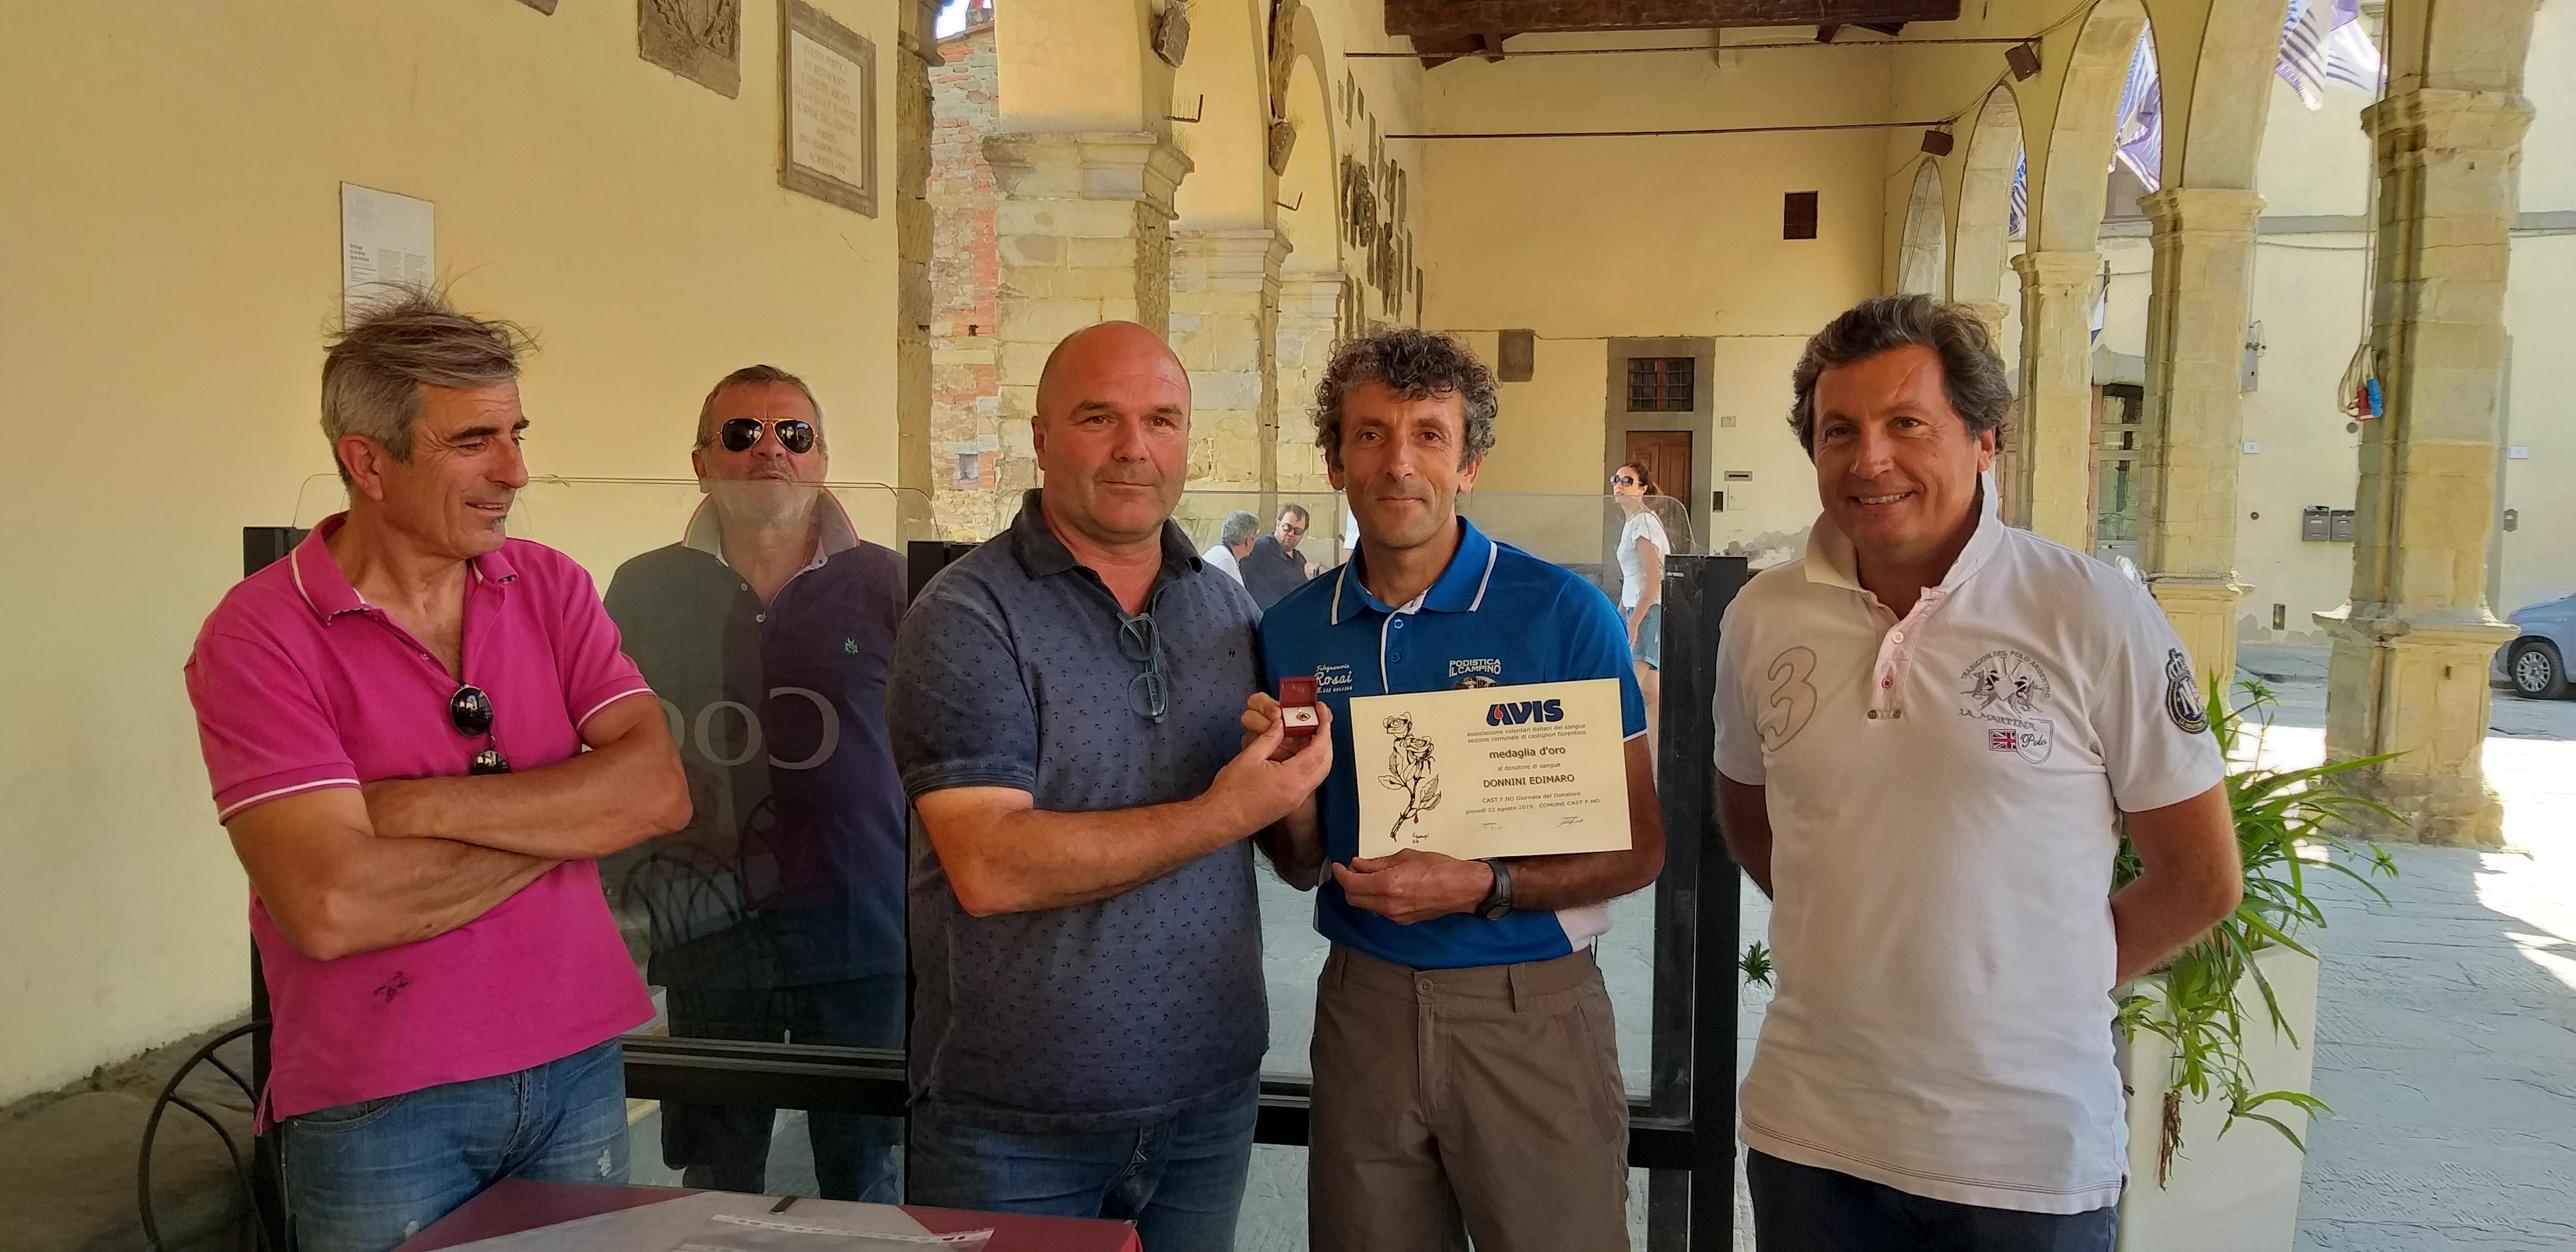 Premiato con una medaglia d'oro e una pergamena Edimaro Donnini, sportivo e donatore Avis